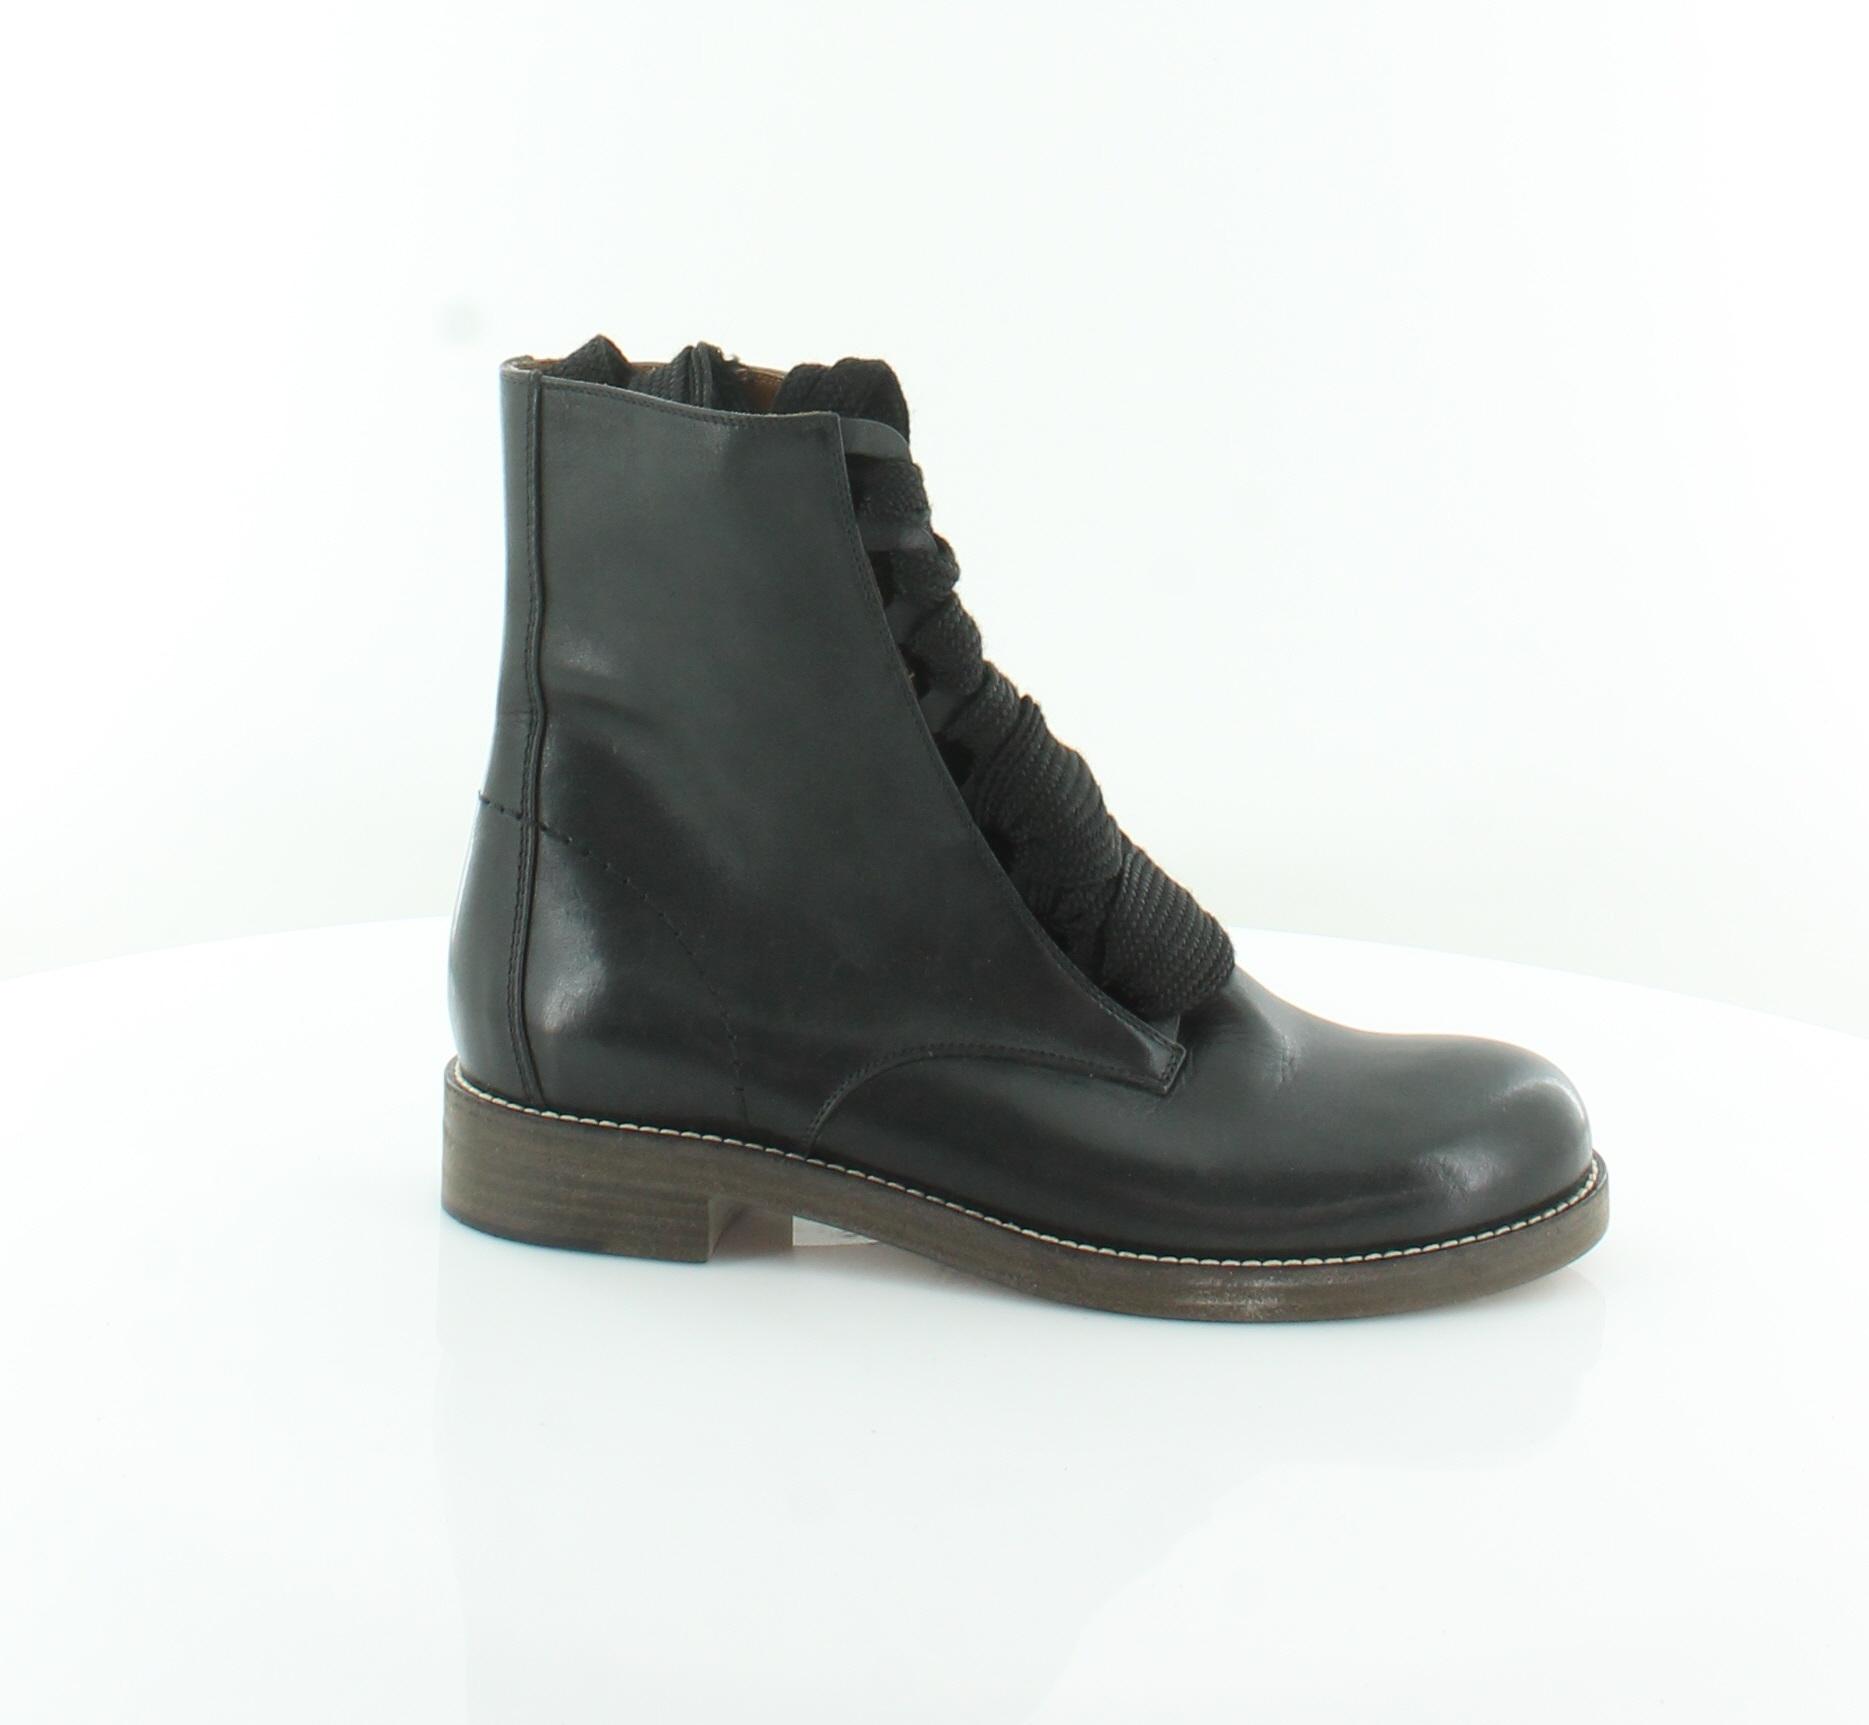 harper black womens shoes size 6 m